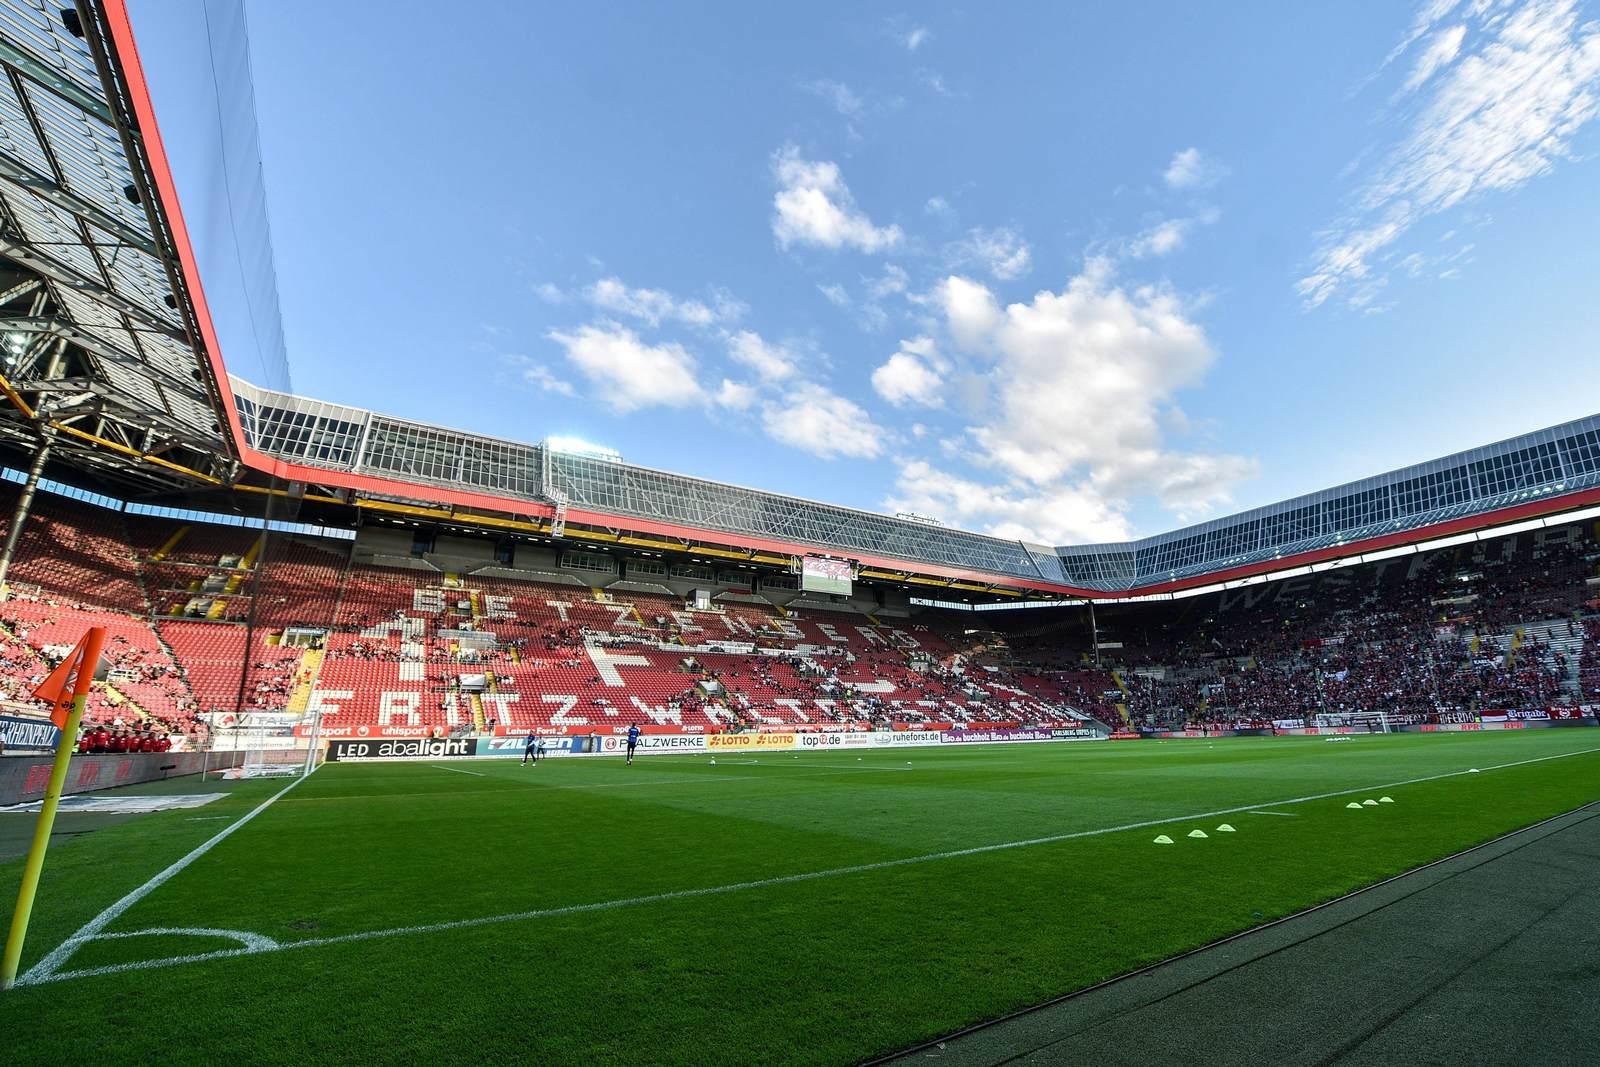 Das Fritz-Walter-Stadion, Heimspielstätte des 1. FC Kaiserslautern